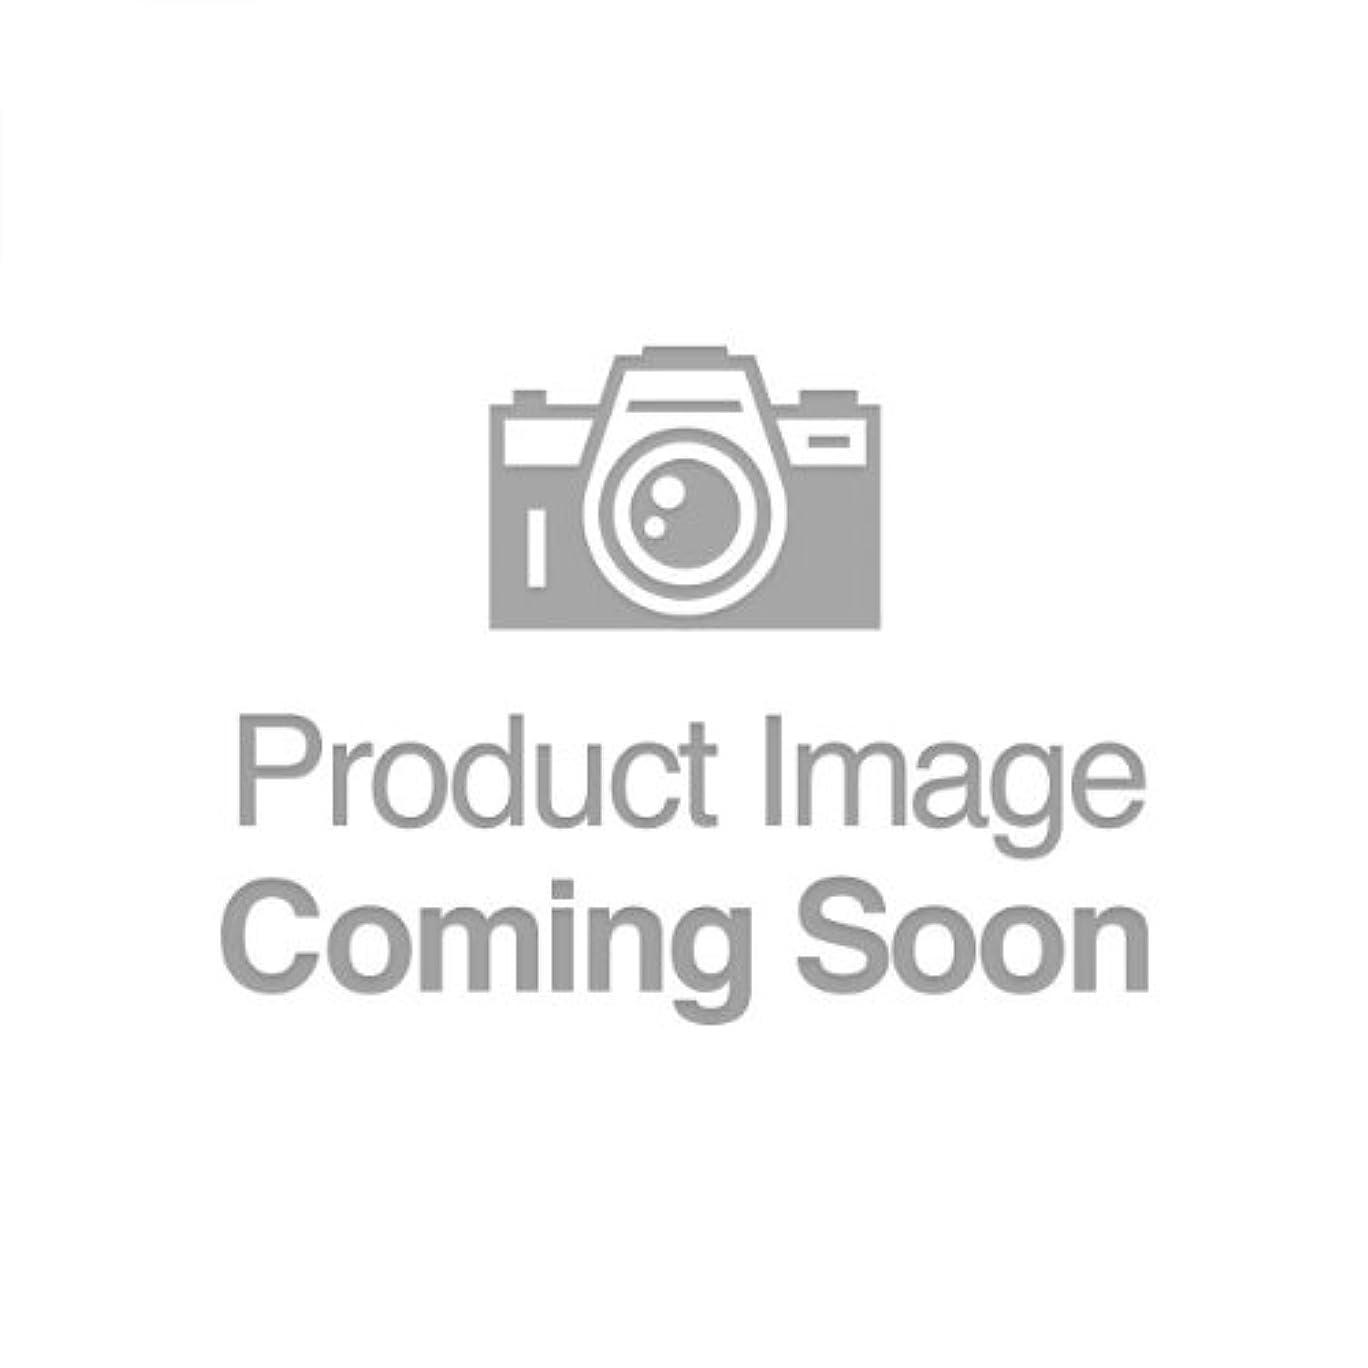 特性トーク馬力Equal ExchangeオーガニックMind Body & SoulコーヒーGround Medium Roast – - 12 oz